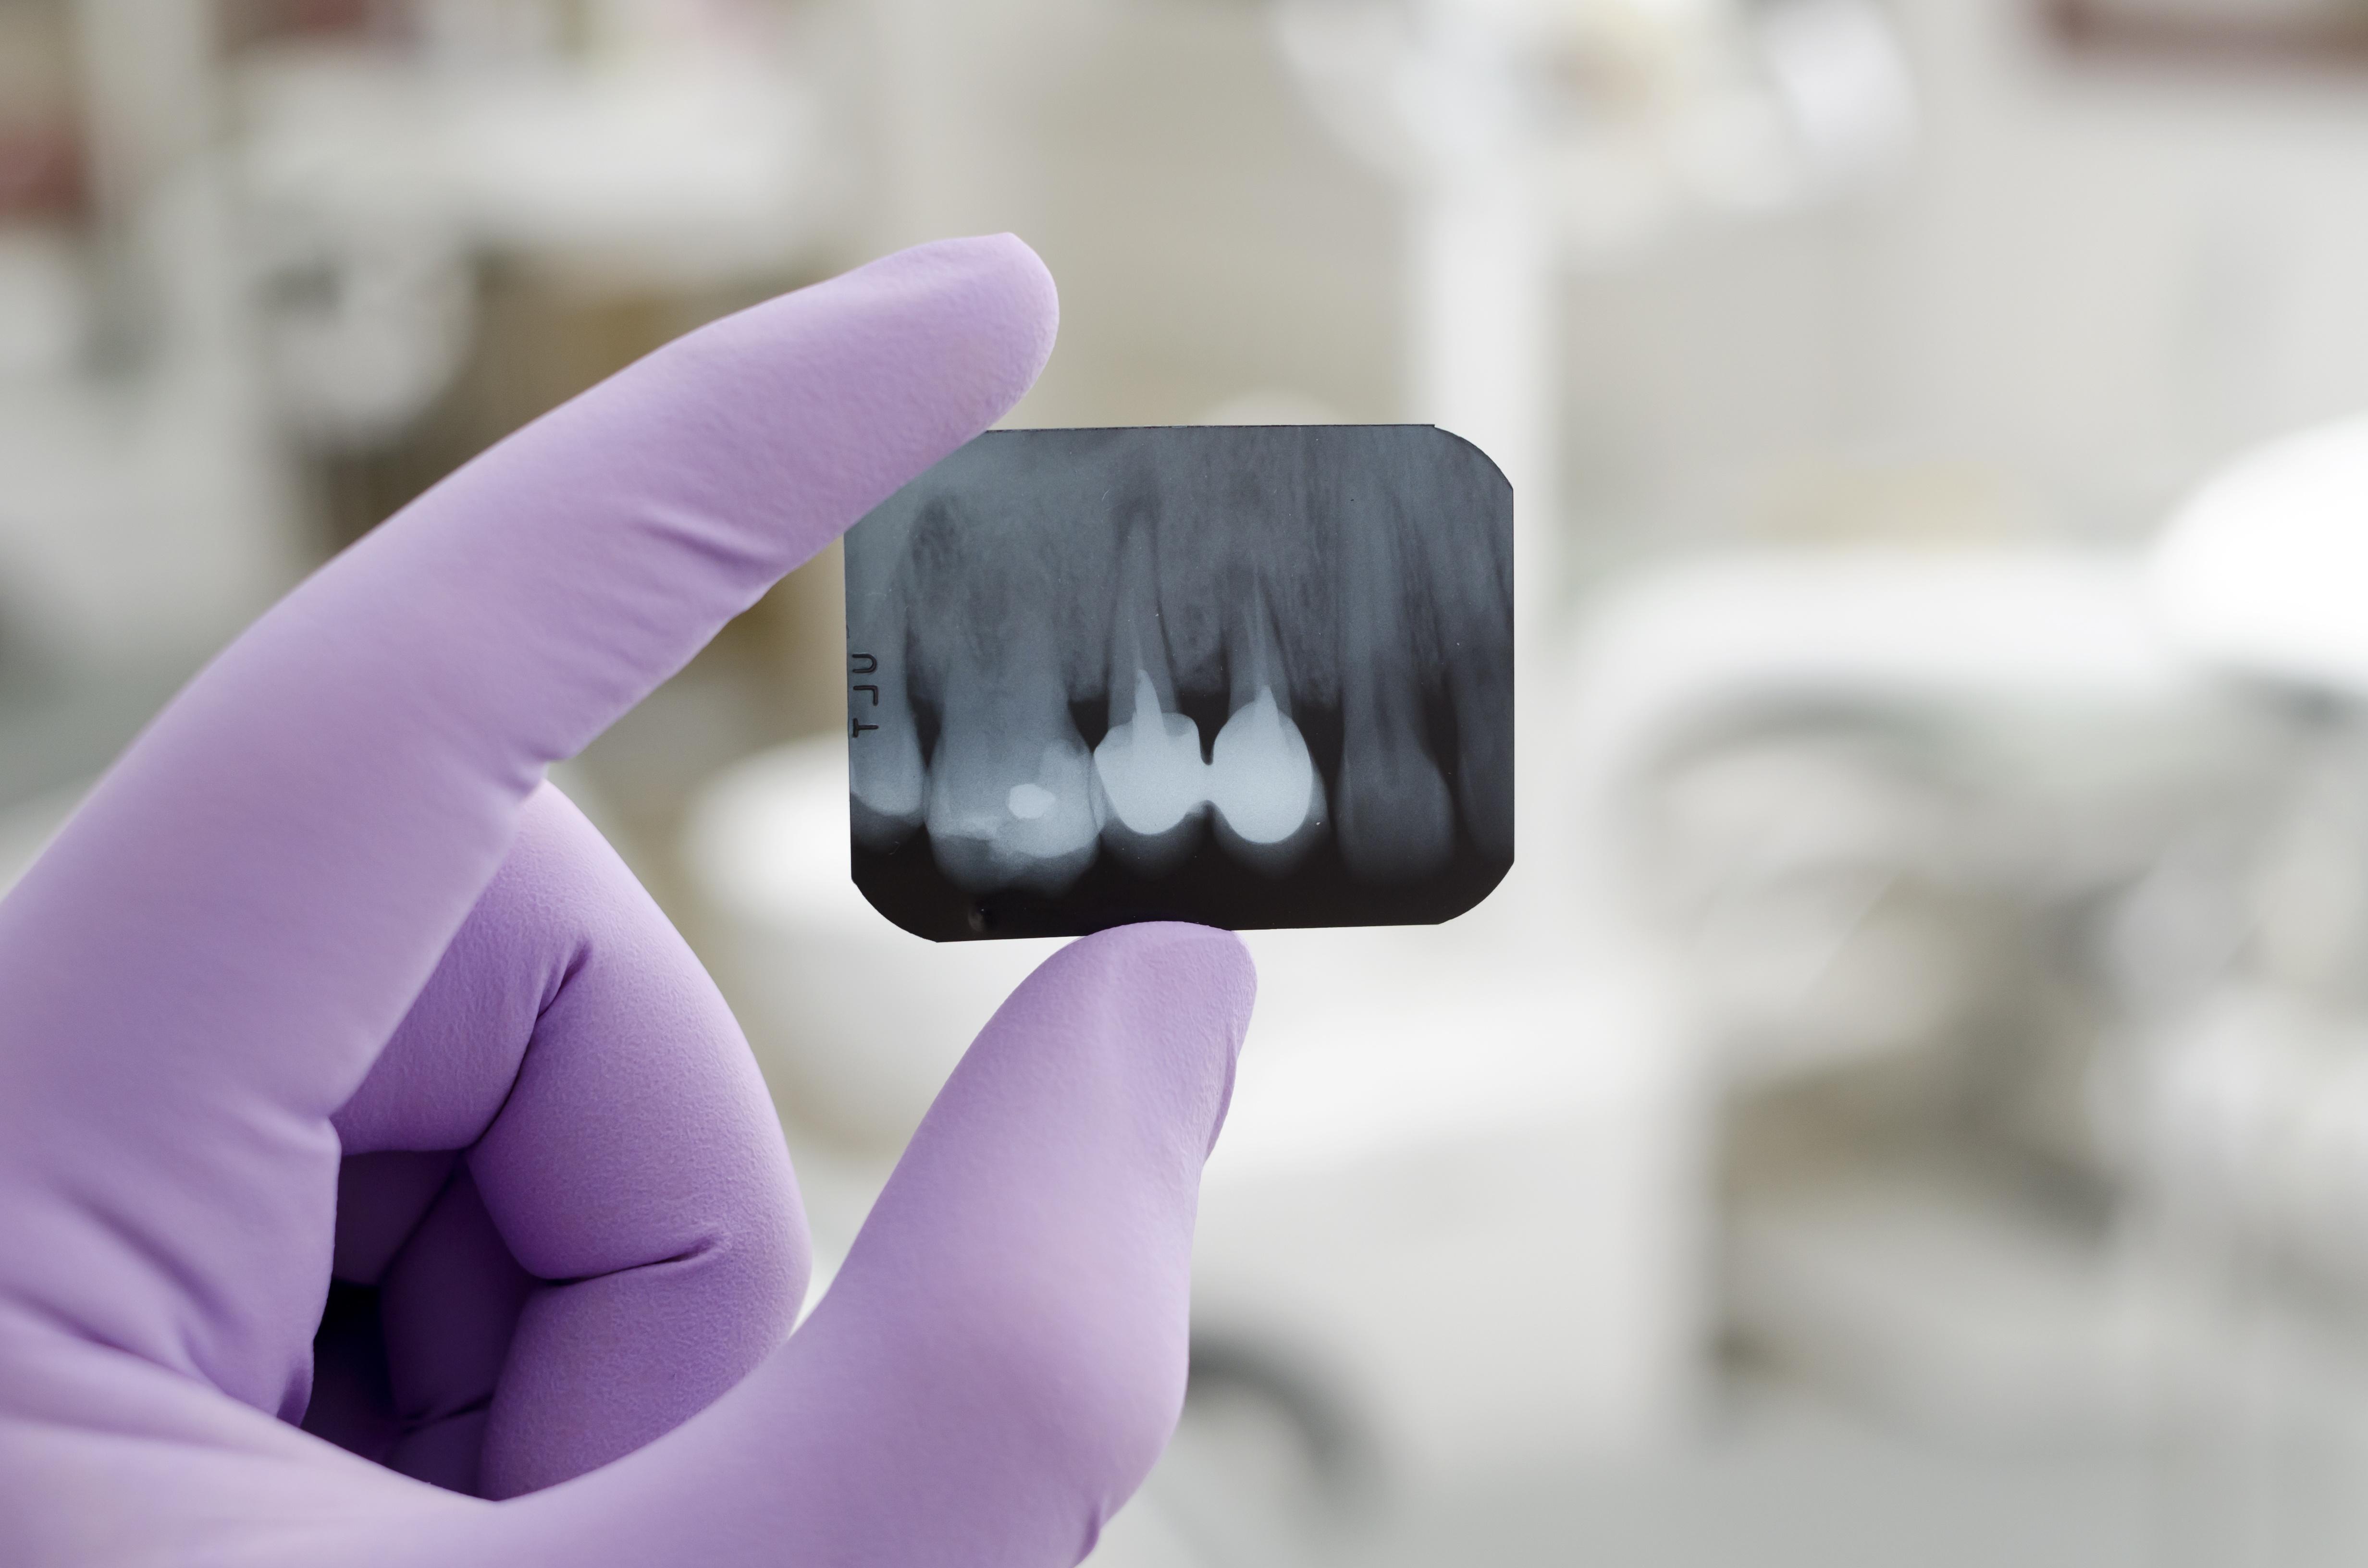 歯の根の治療のやり直しは成功率69%以下?知っておきたい再根管治療のこと